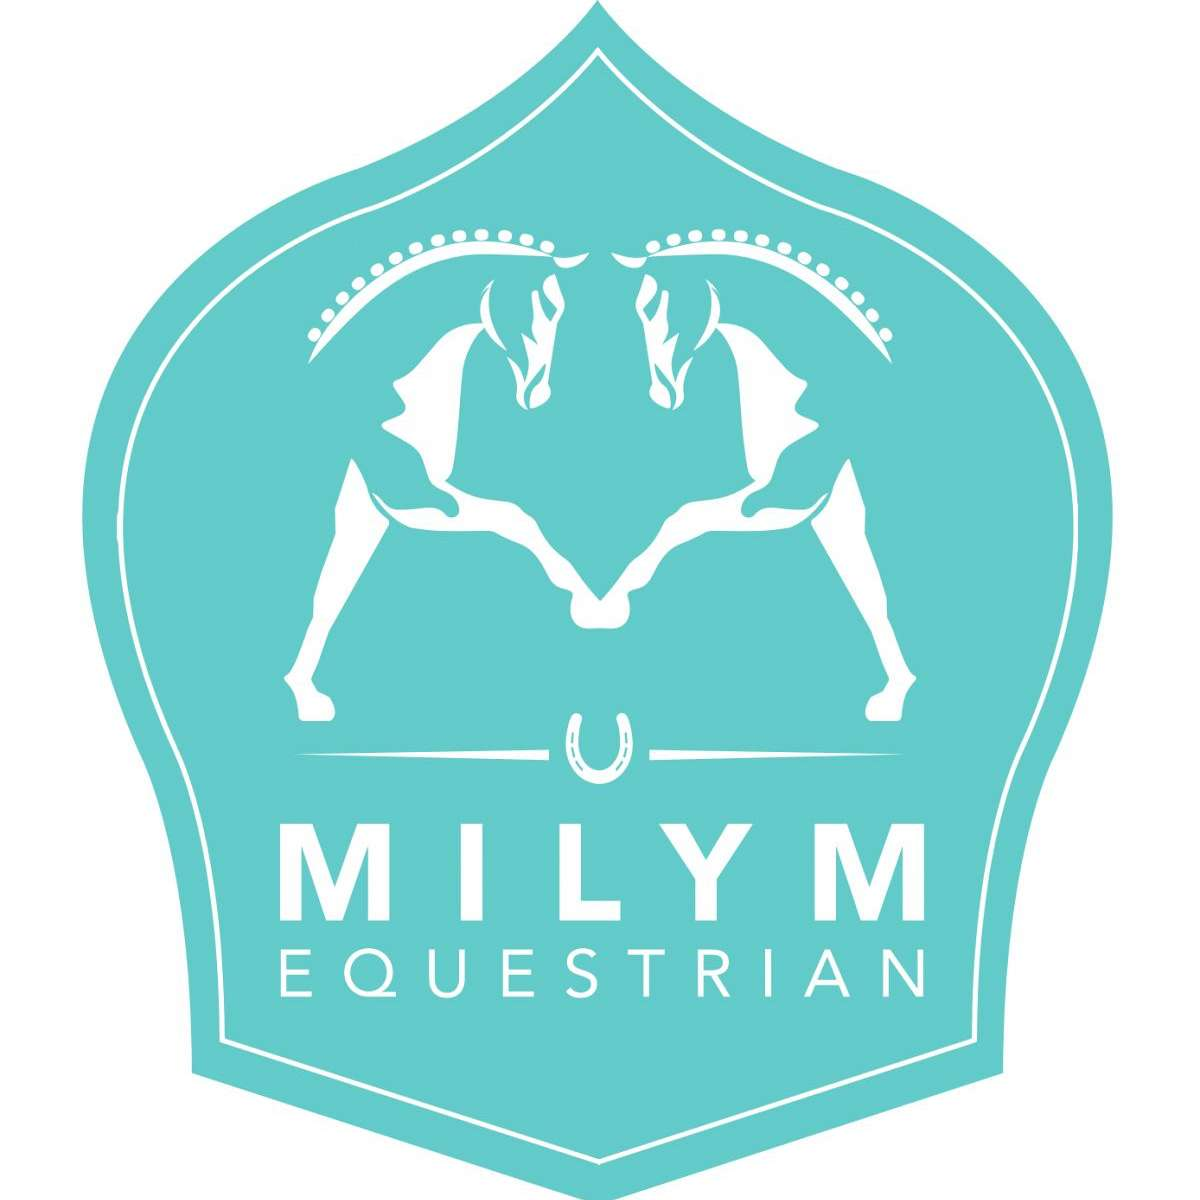 Milym Equestrian LLC